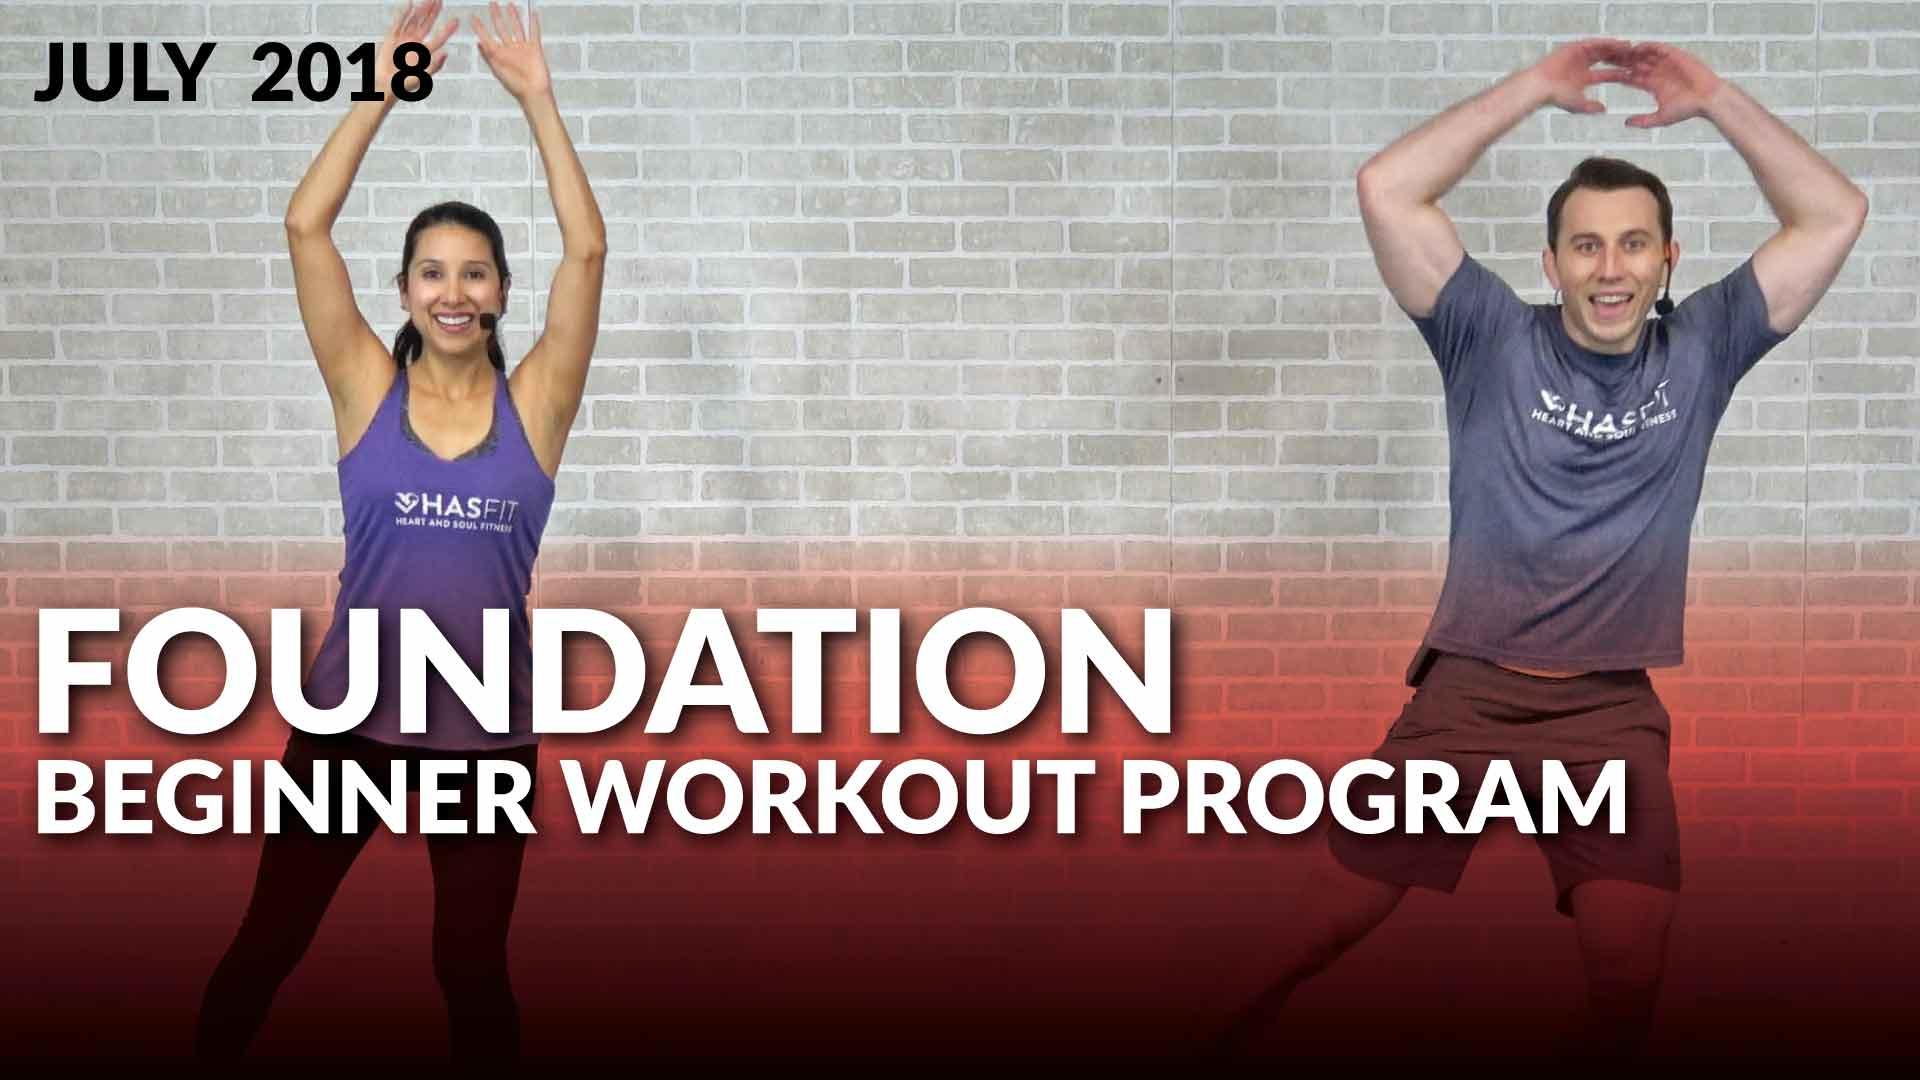 beginner workout program